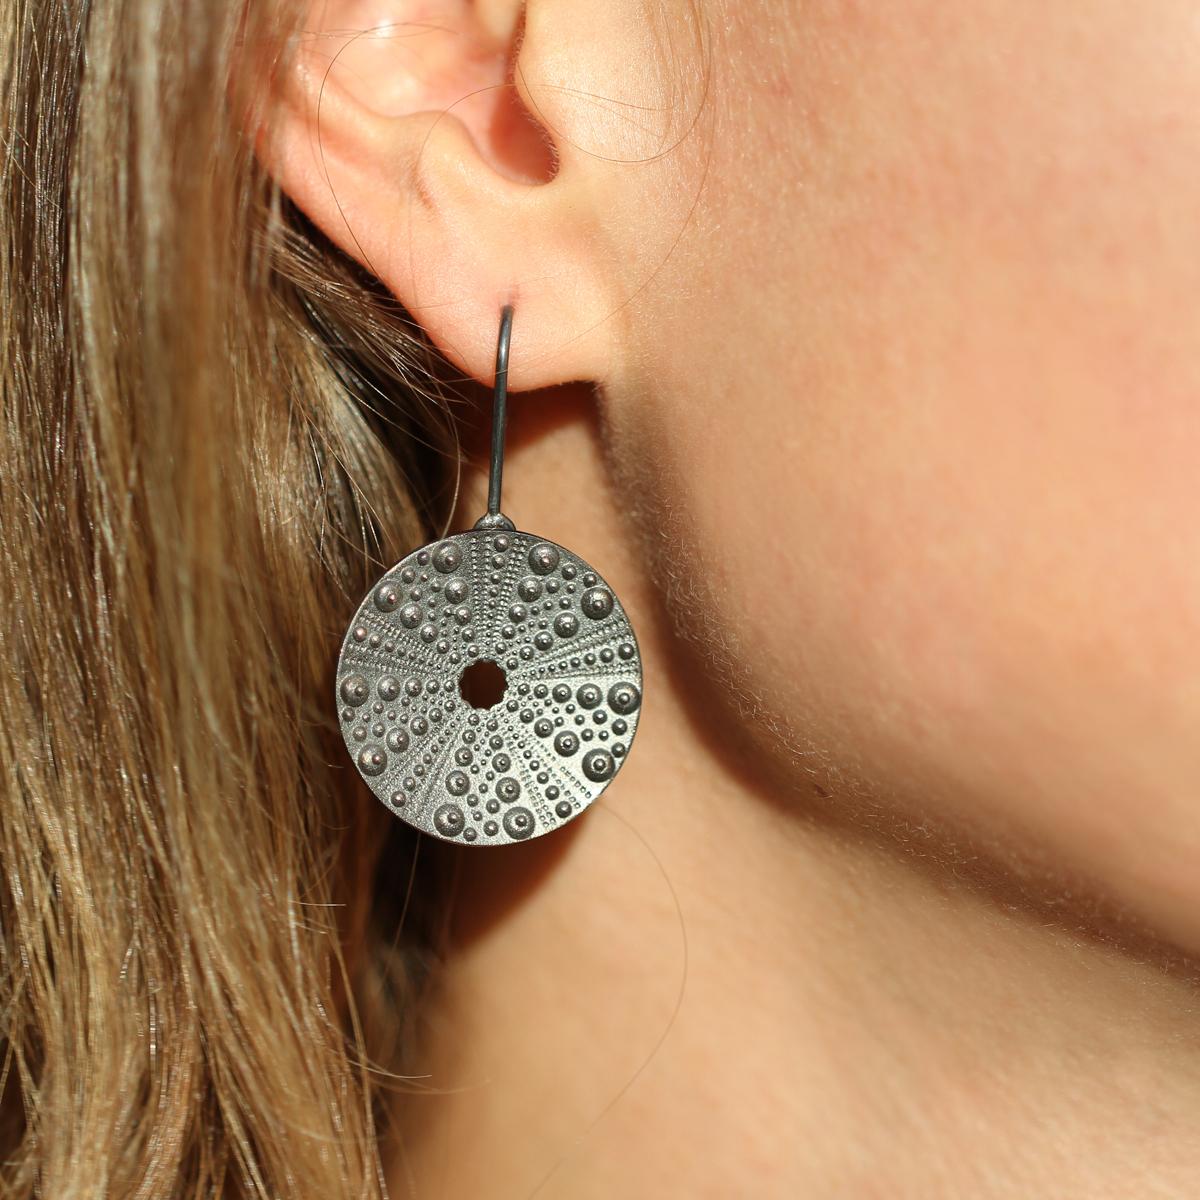 Oxidised silver jewellery